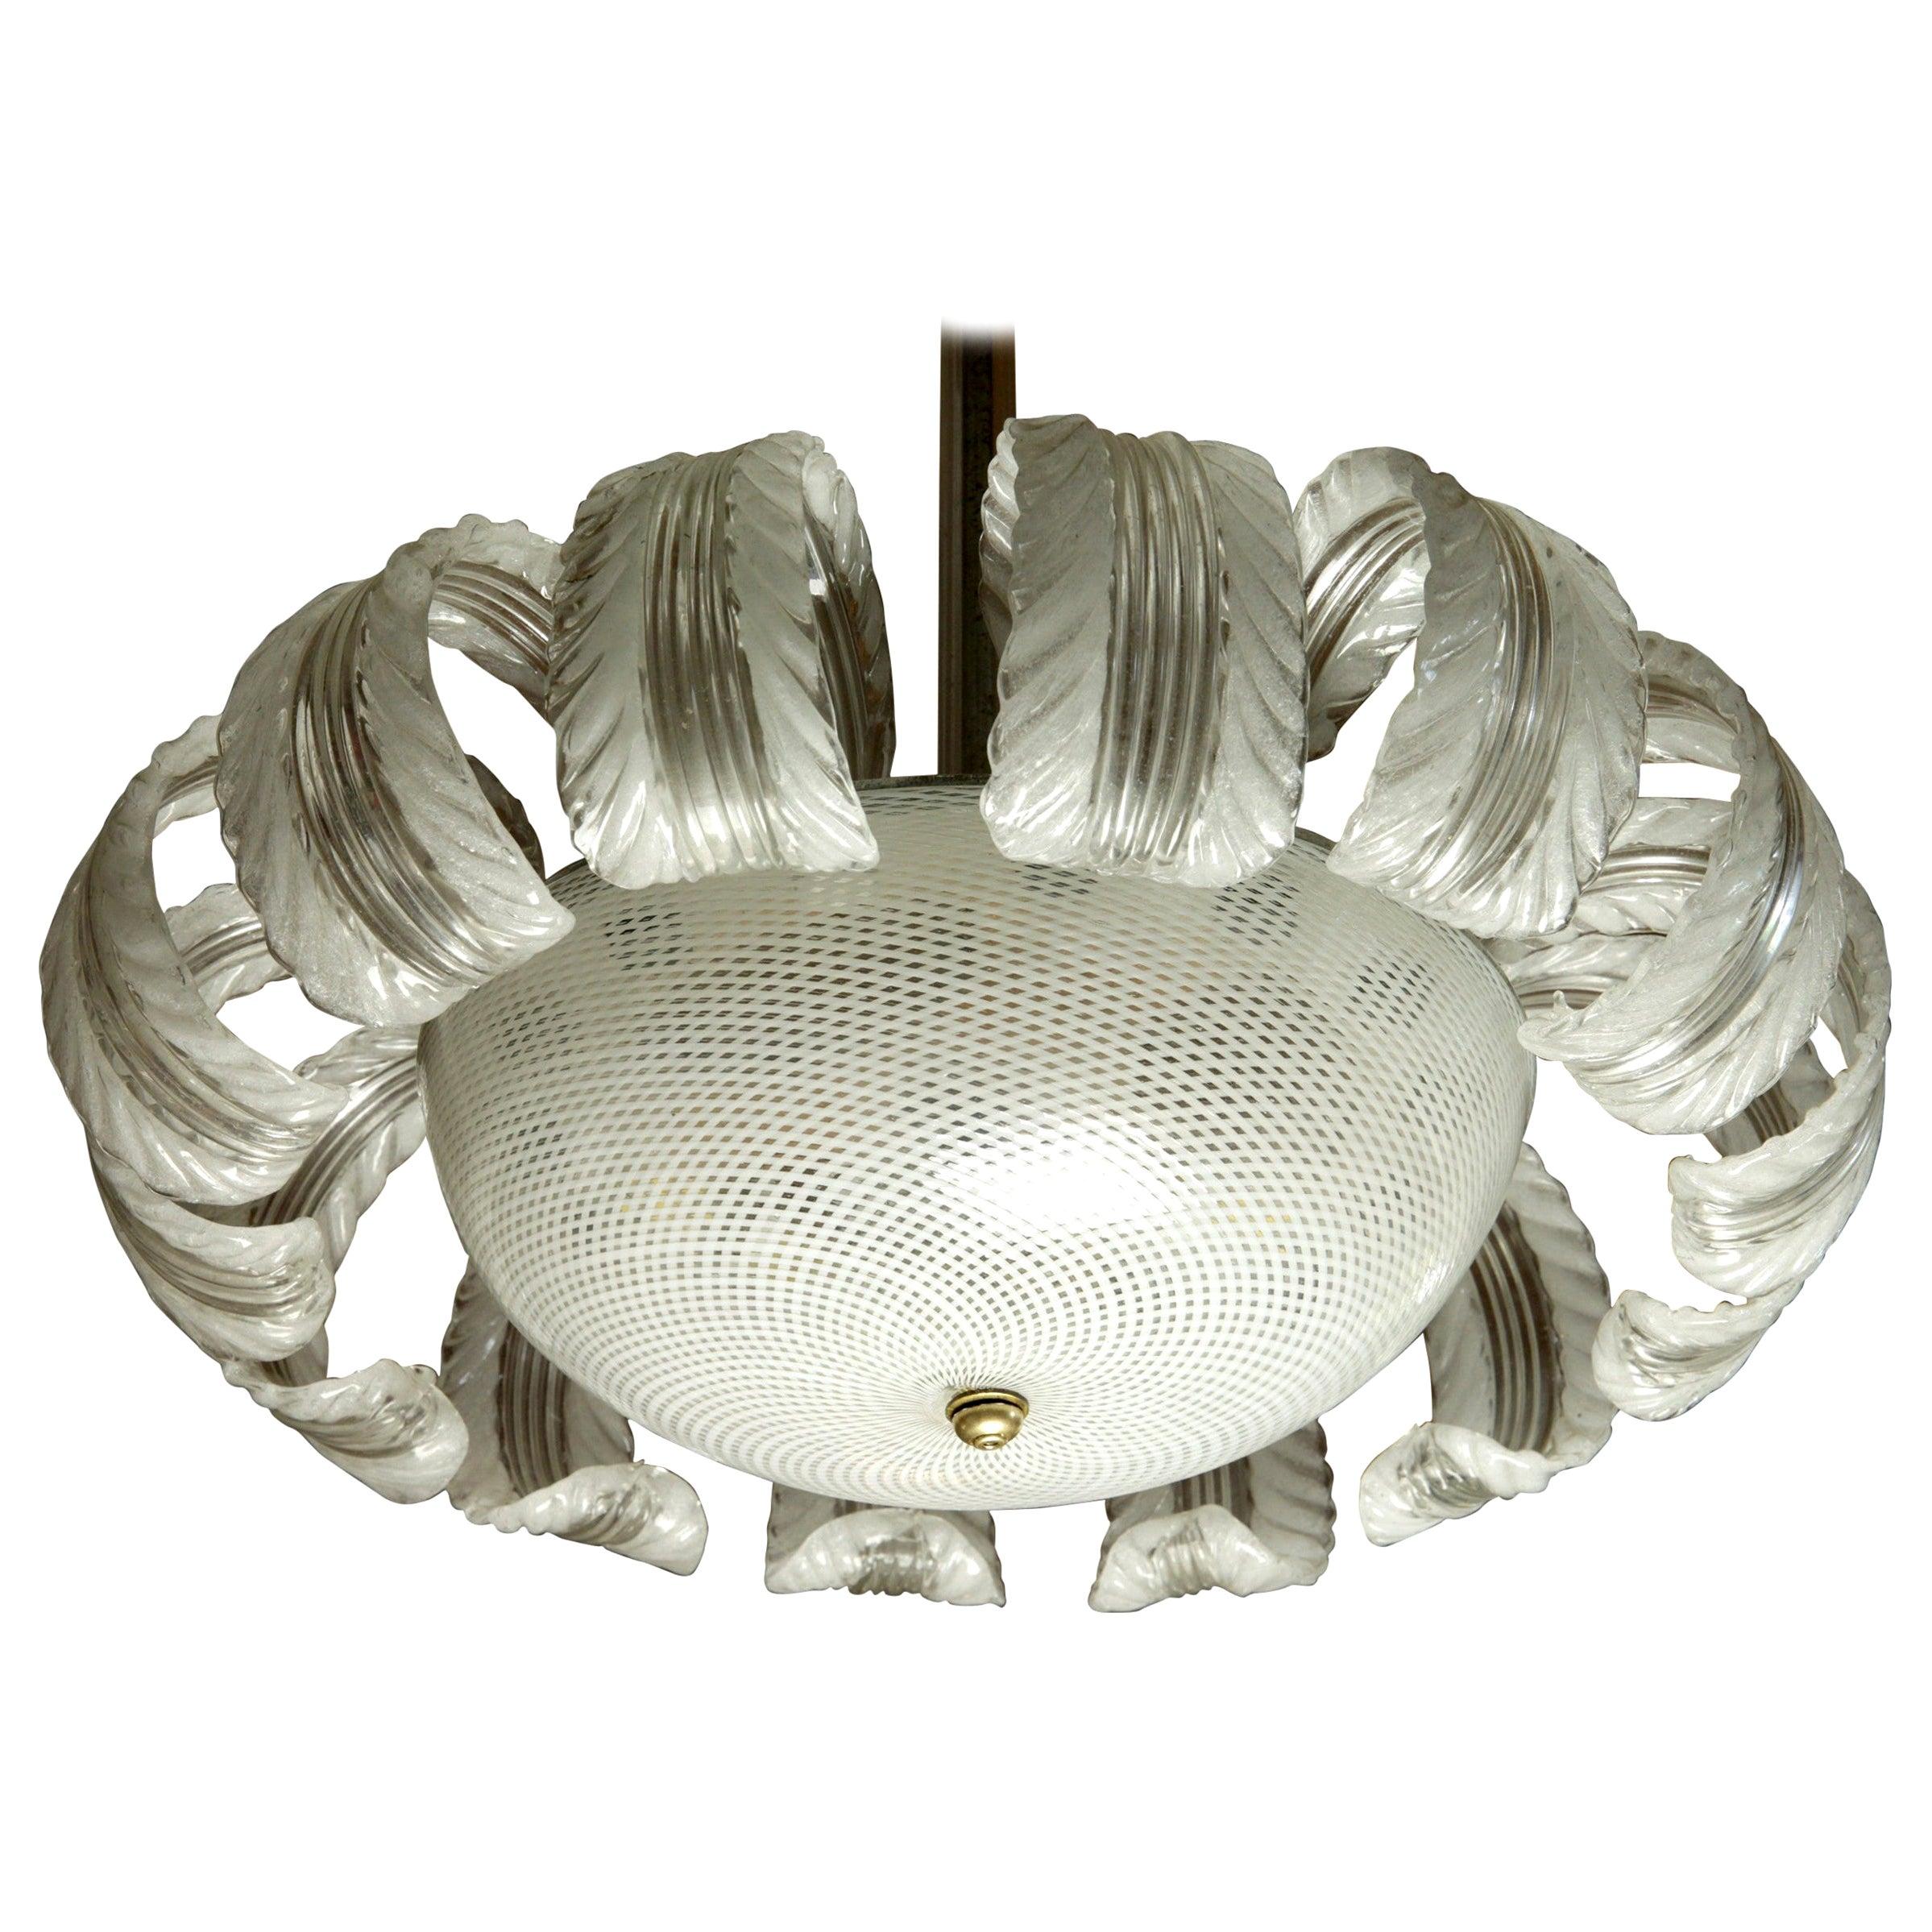 Barovier et Toso Attributed, 14 Pulegoso Leaves Reticello Bowl, 1940s, Murano